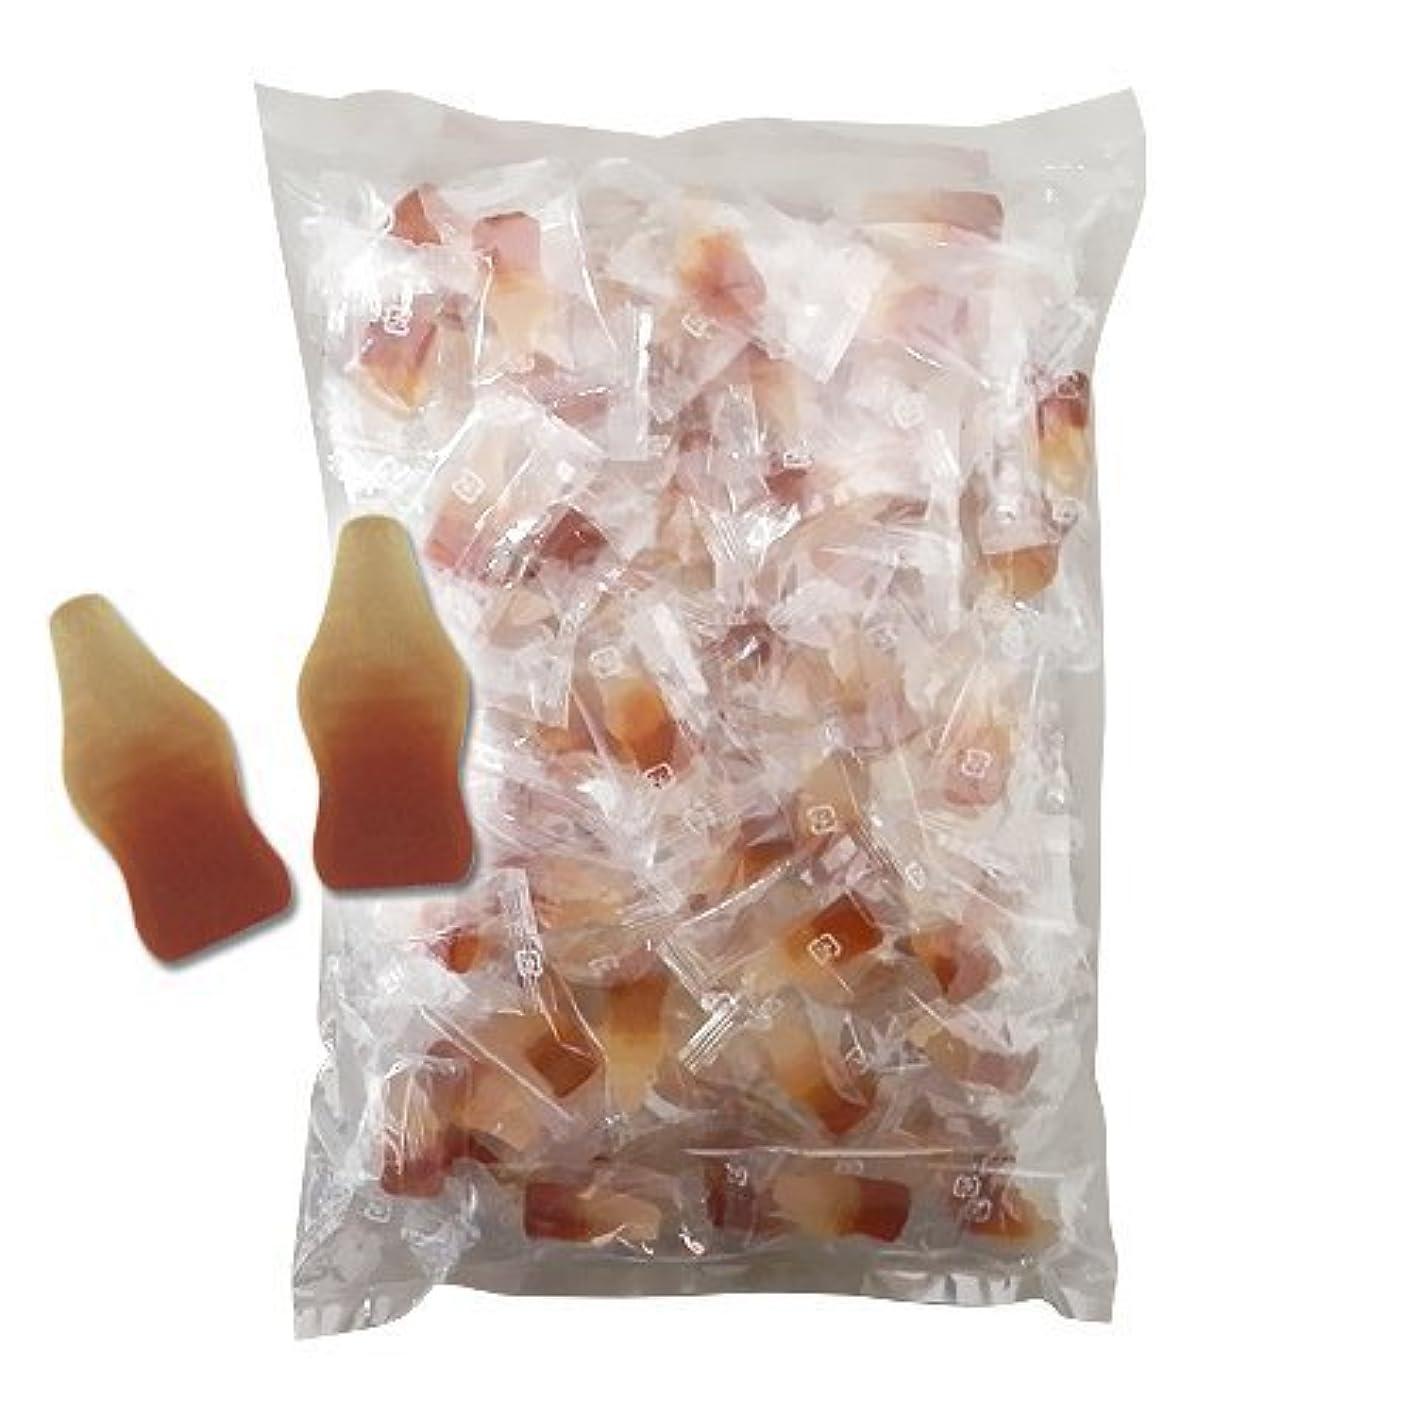 ジョージハンブリー差し控える事実上キシリトールグミ キシリコーラ(レモンコーラ味) 100粒入(個包装)